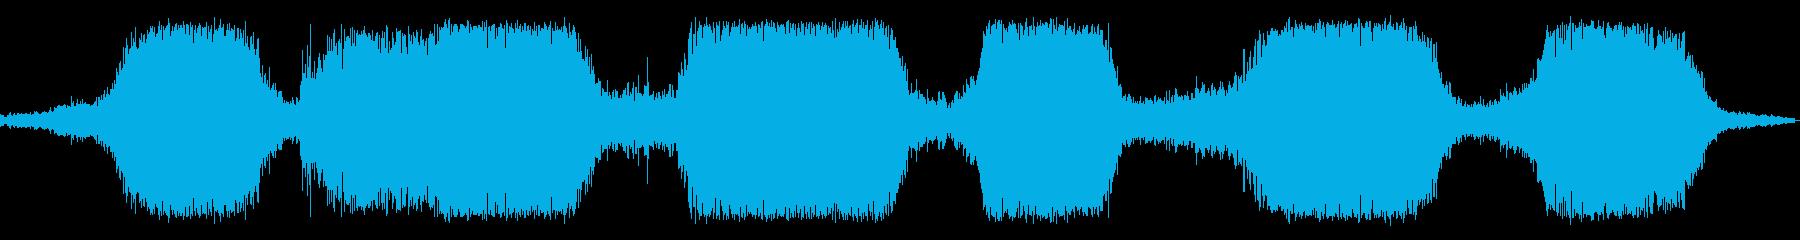 ザザザザパーン(砂場の波の音)の再生済みの波形